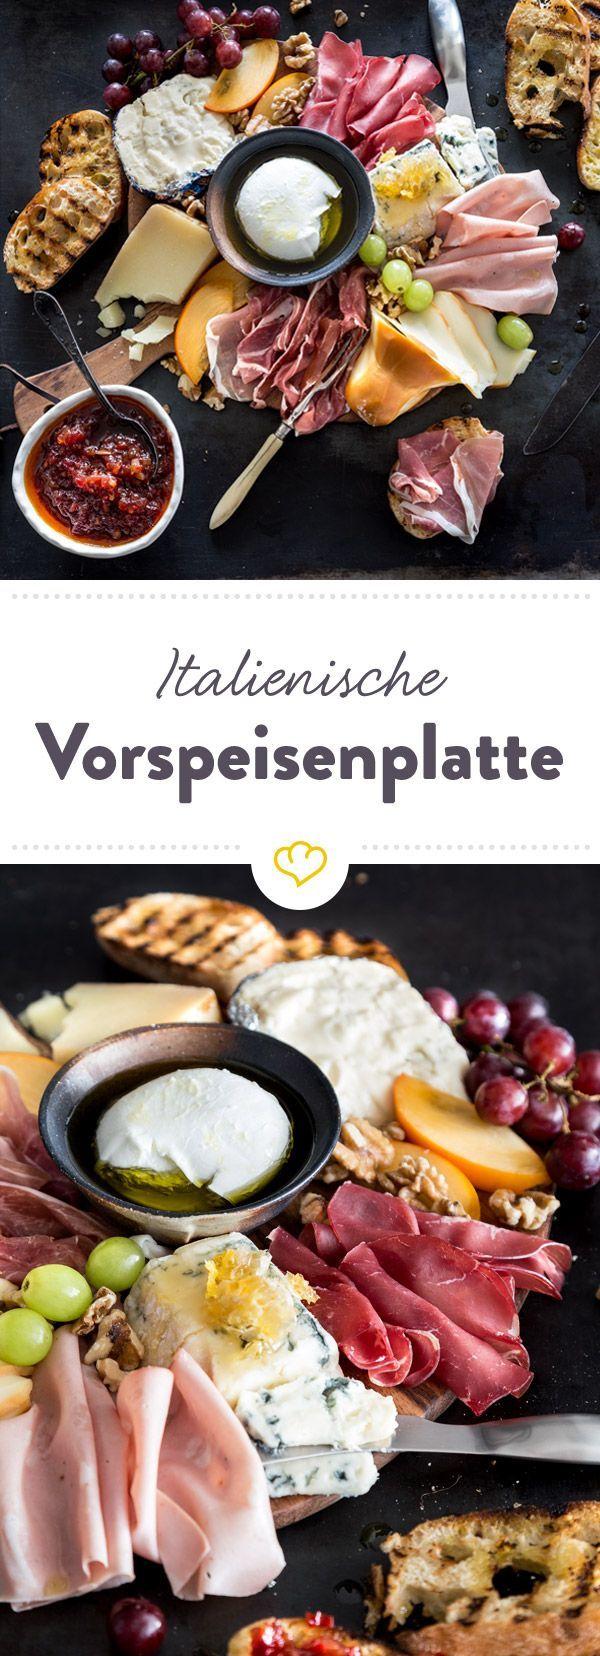 Oh, bella bellissima! - Italienische Vorspeisenplatte #appetizersforparty